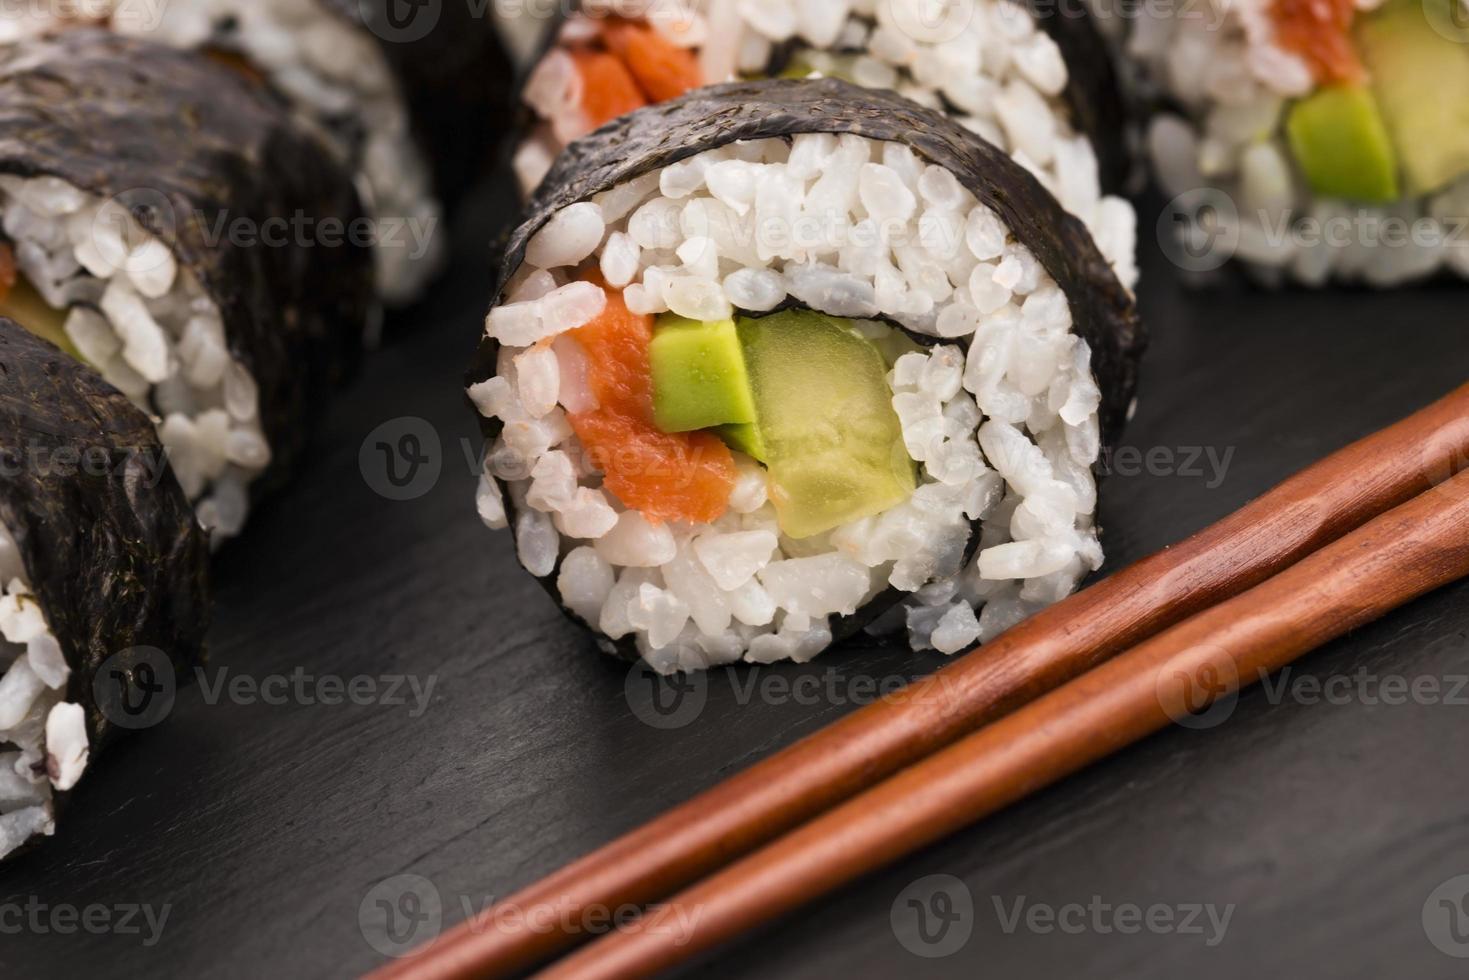 rolos de salmão servidos em um prato foto